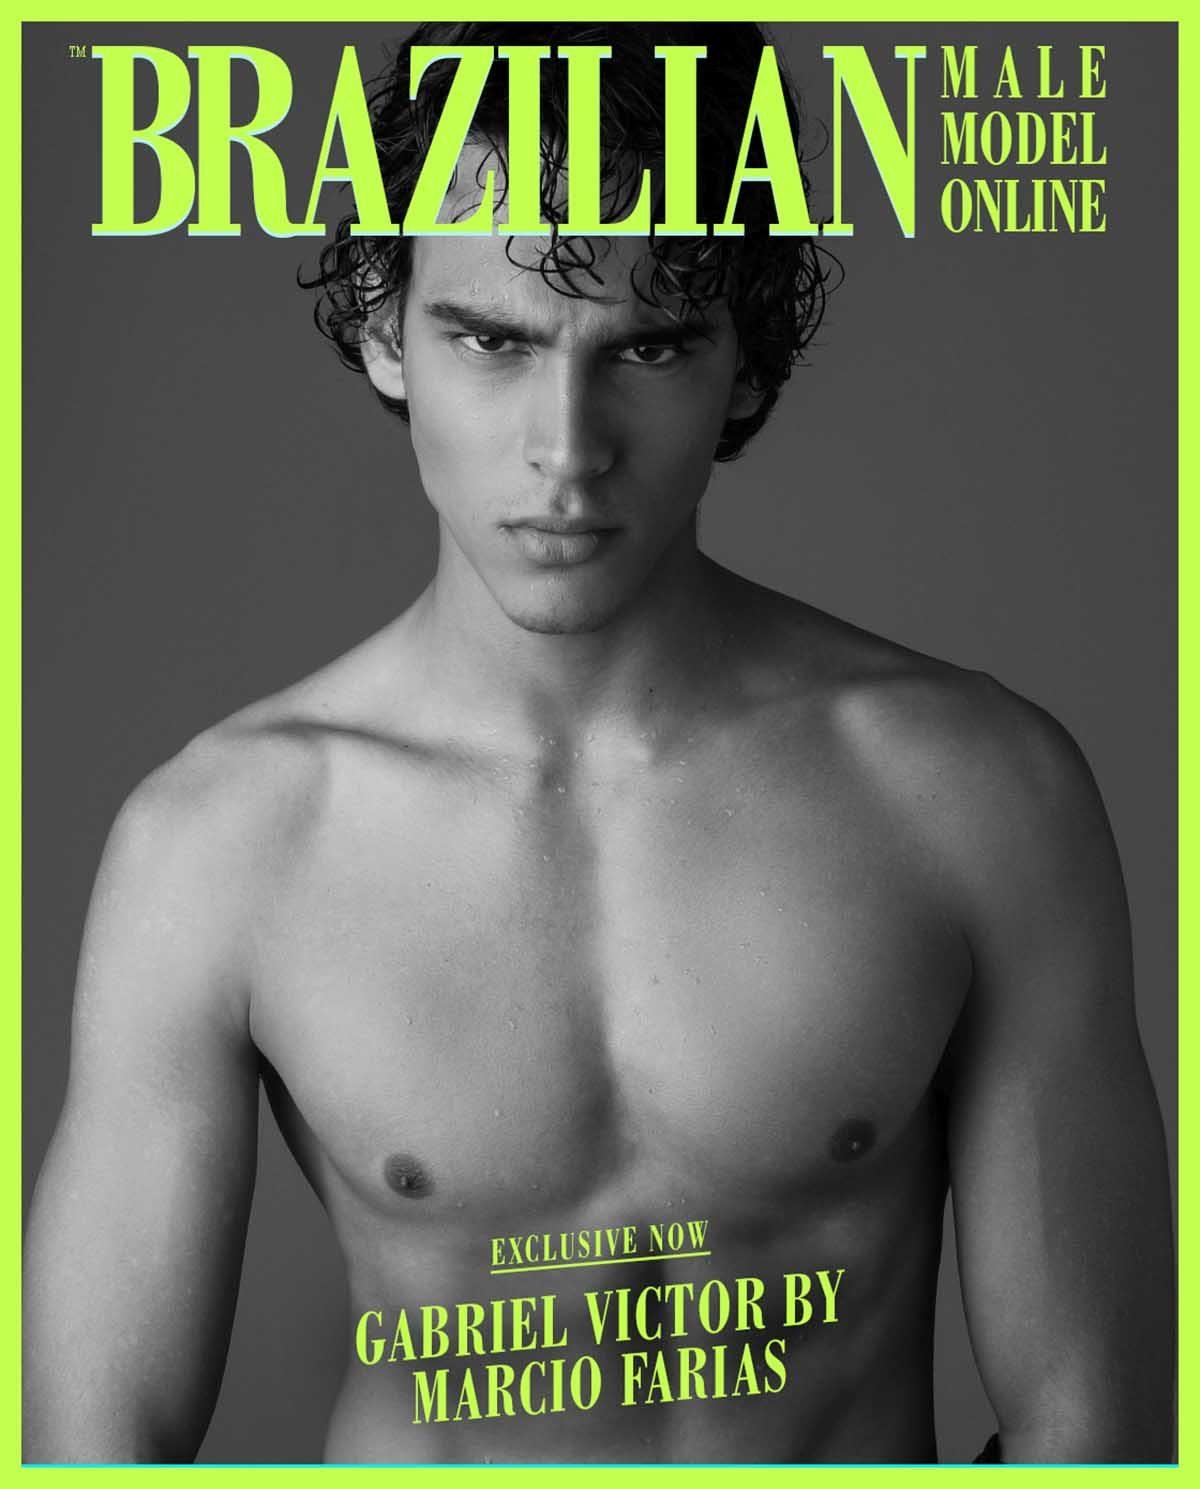 Gabriel Victor by Marcio Farias